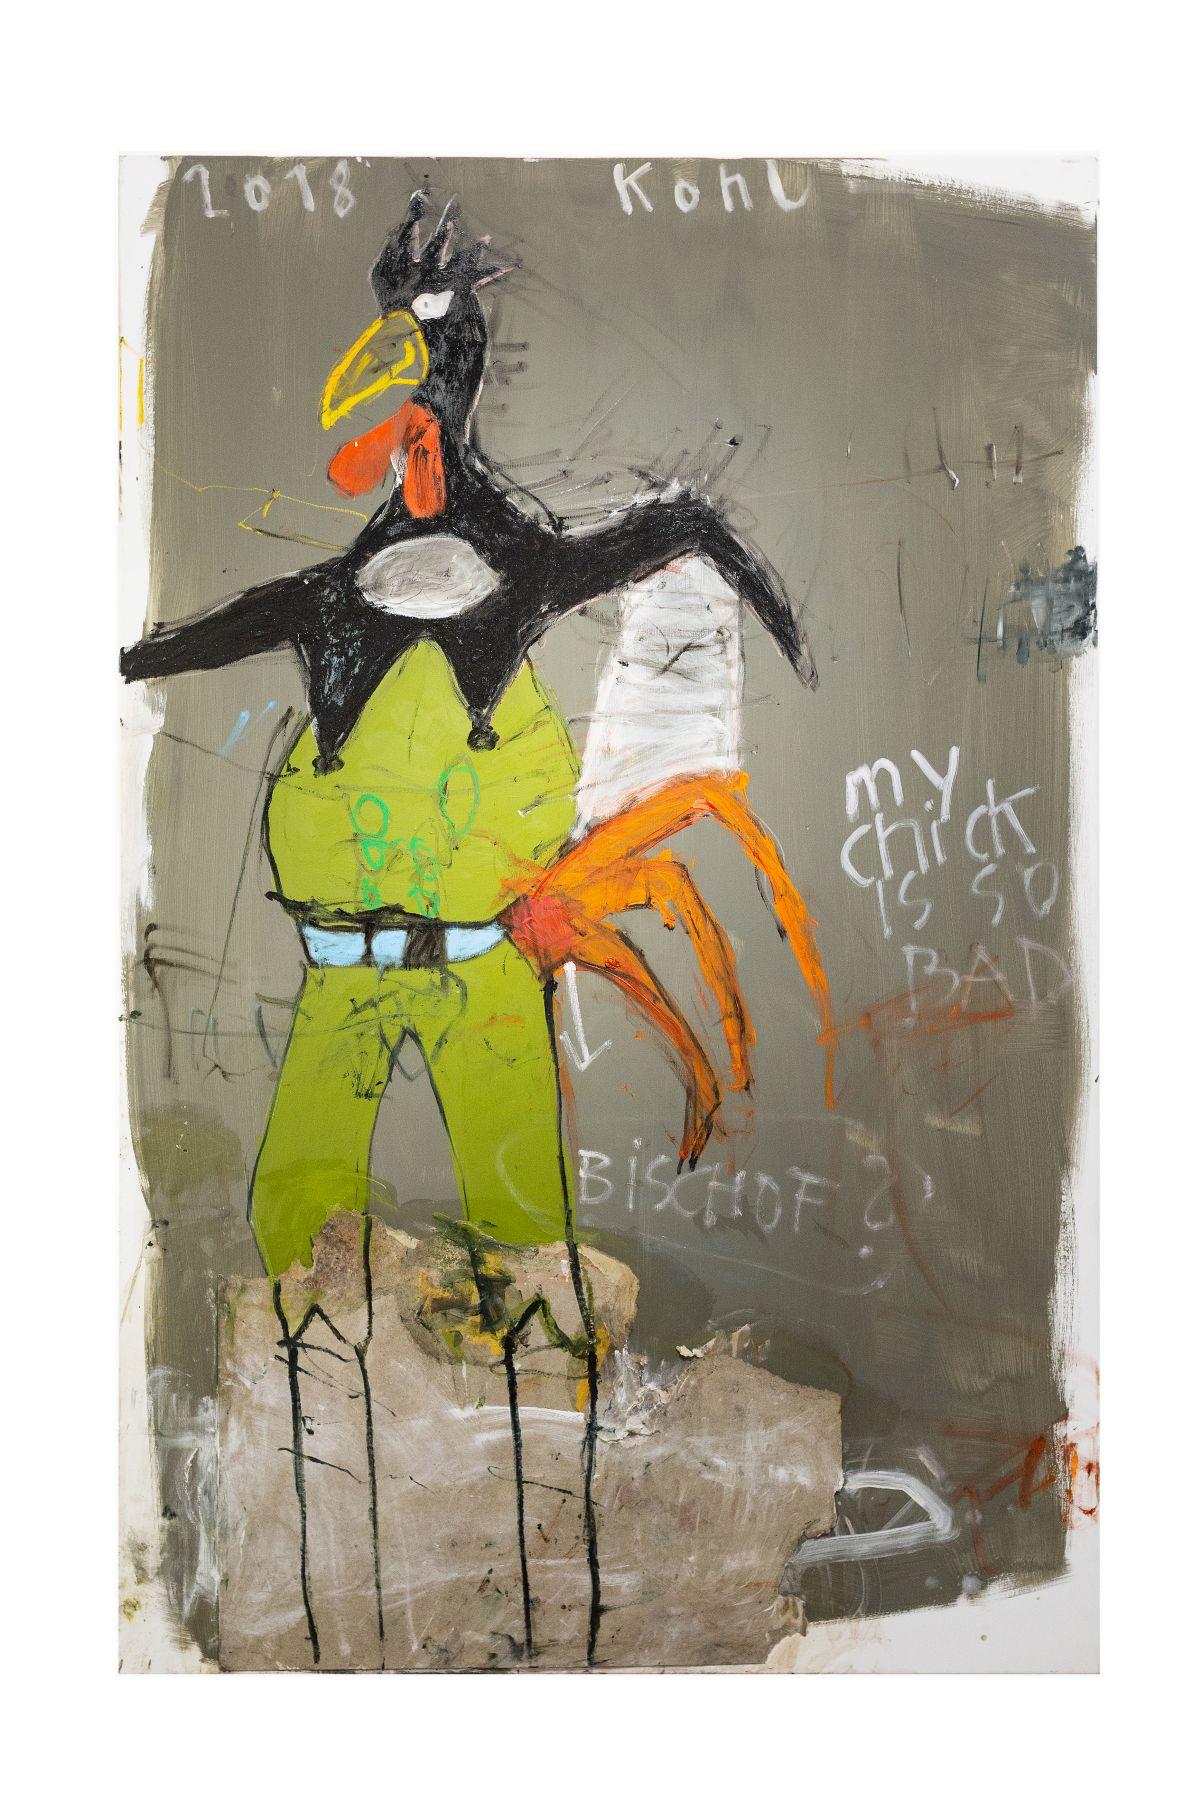 #17 Peter Kohl, Image